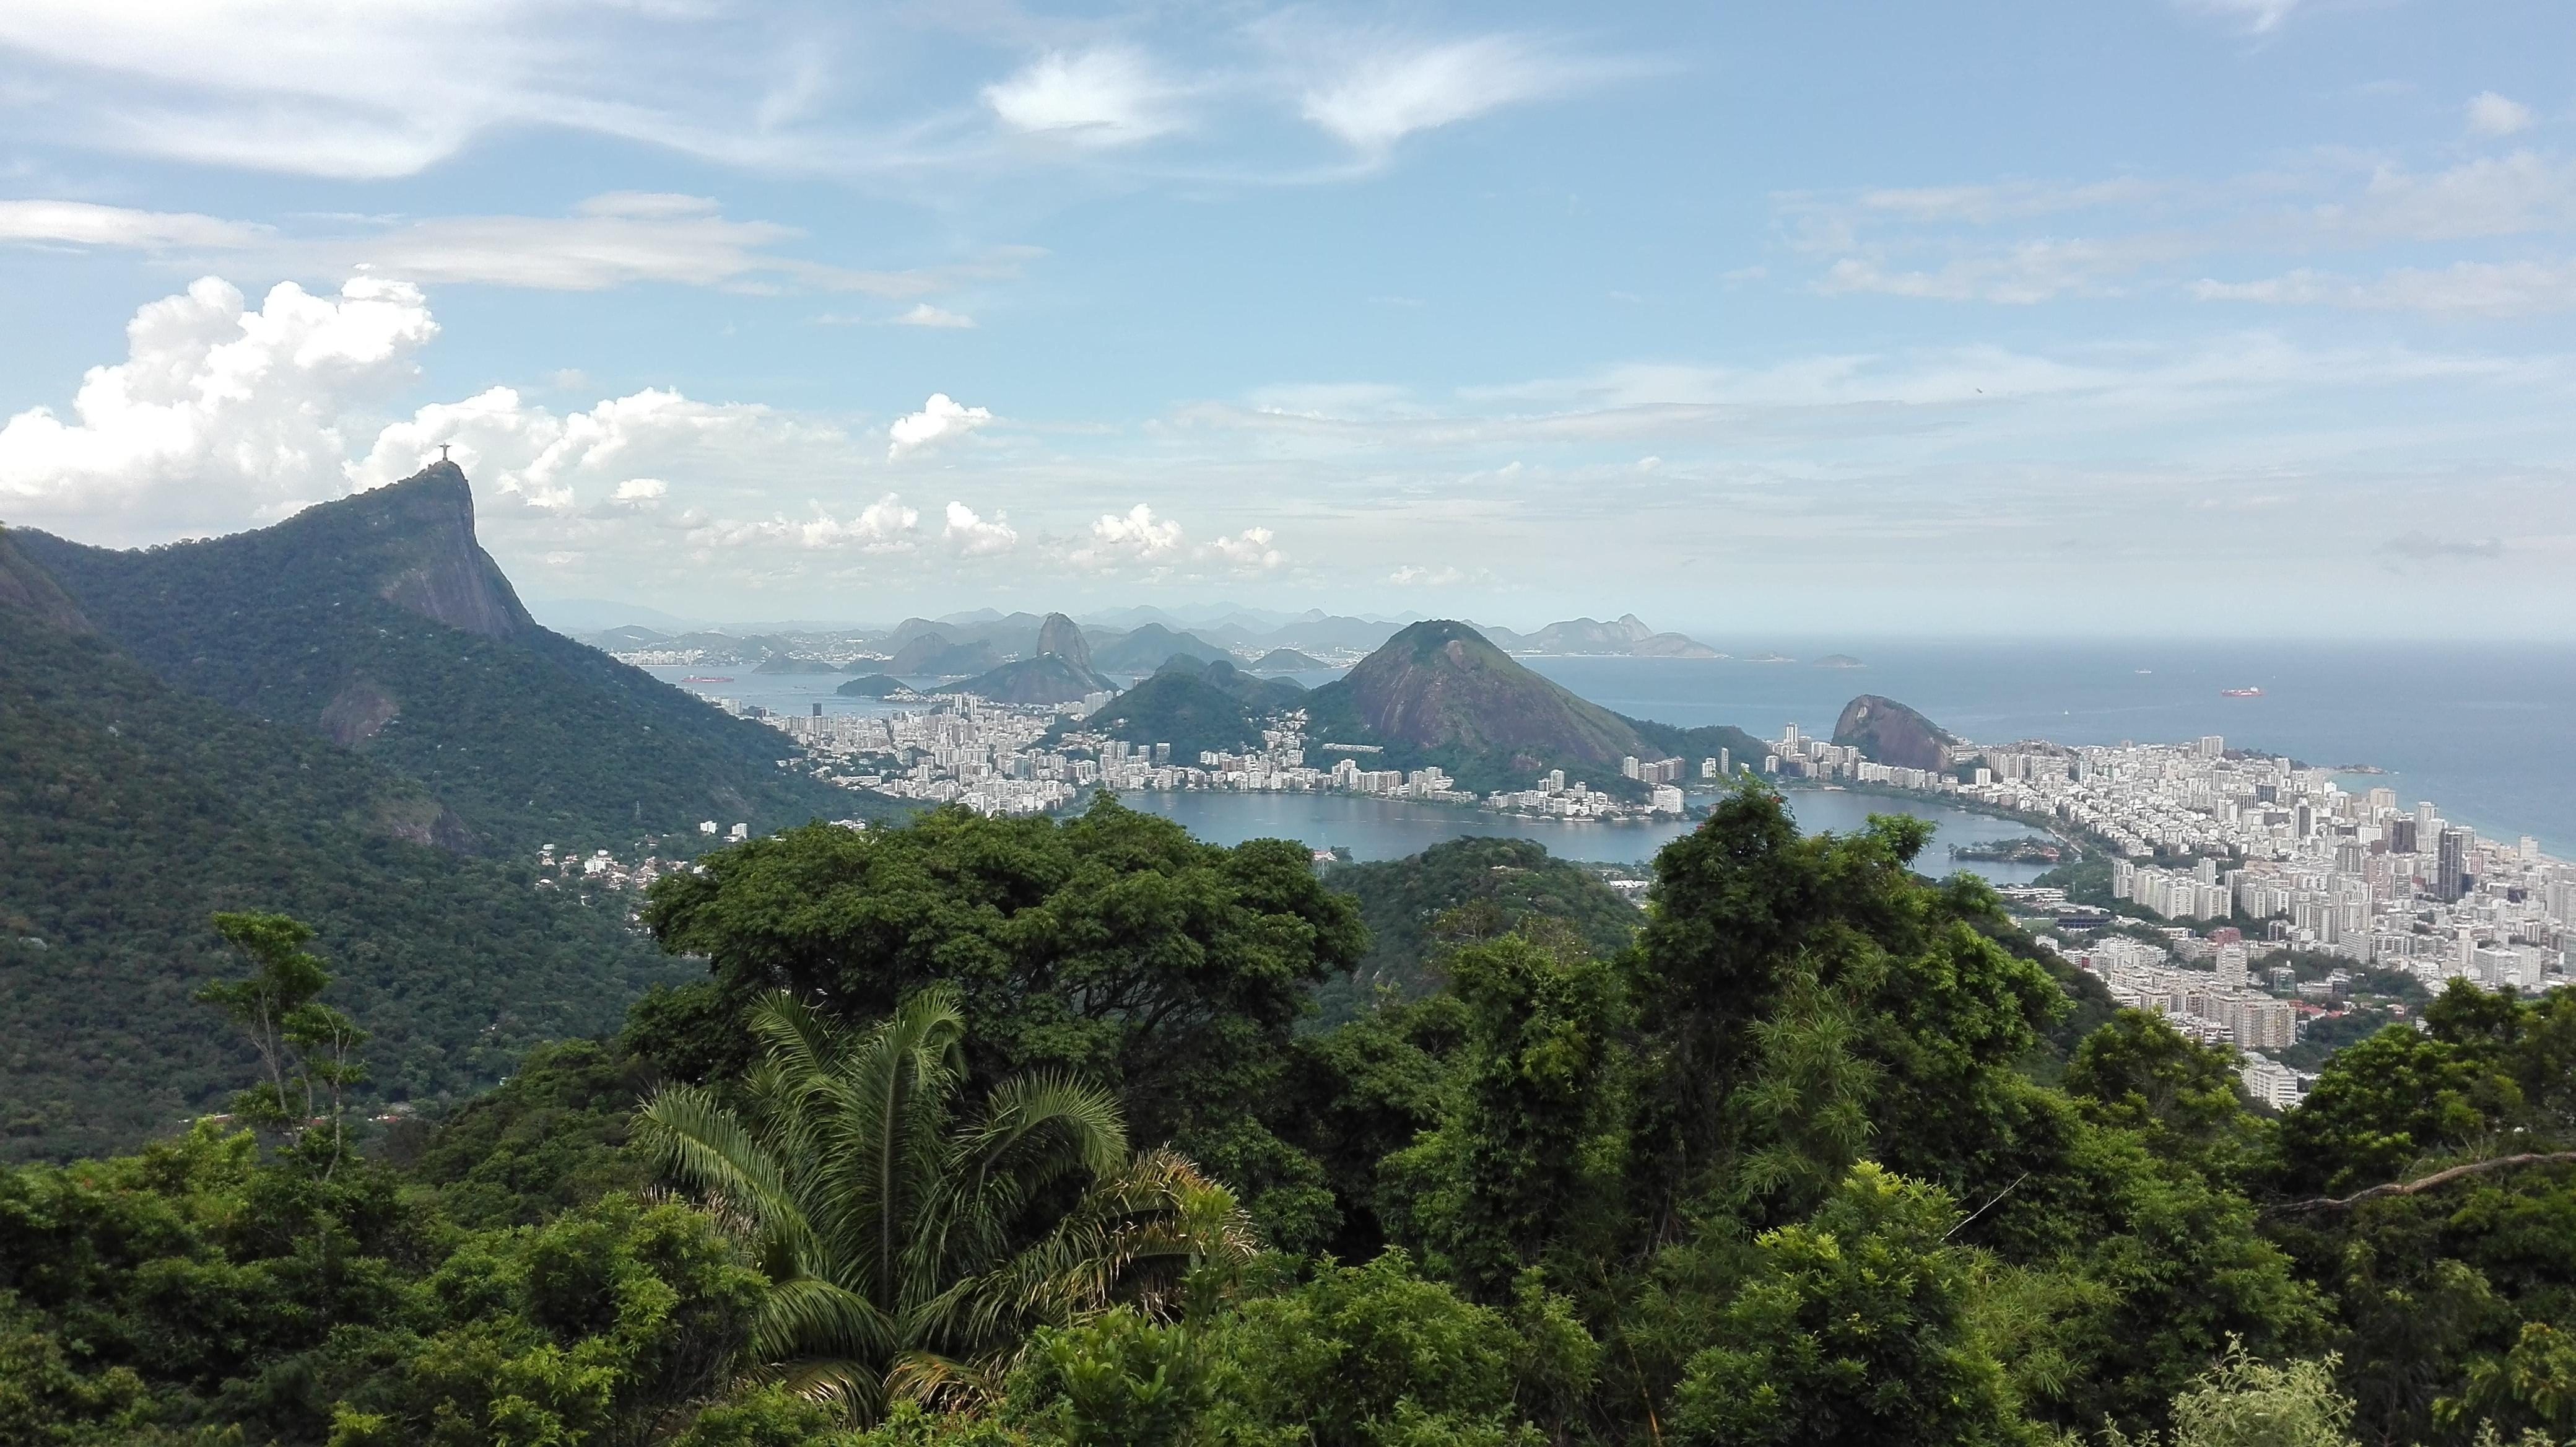 Тамбовчанка рассказала о том, почему уже несколько месяцев живет в Бразилии и как совмещать работу с путешествиями